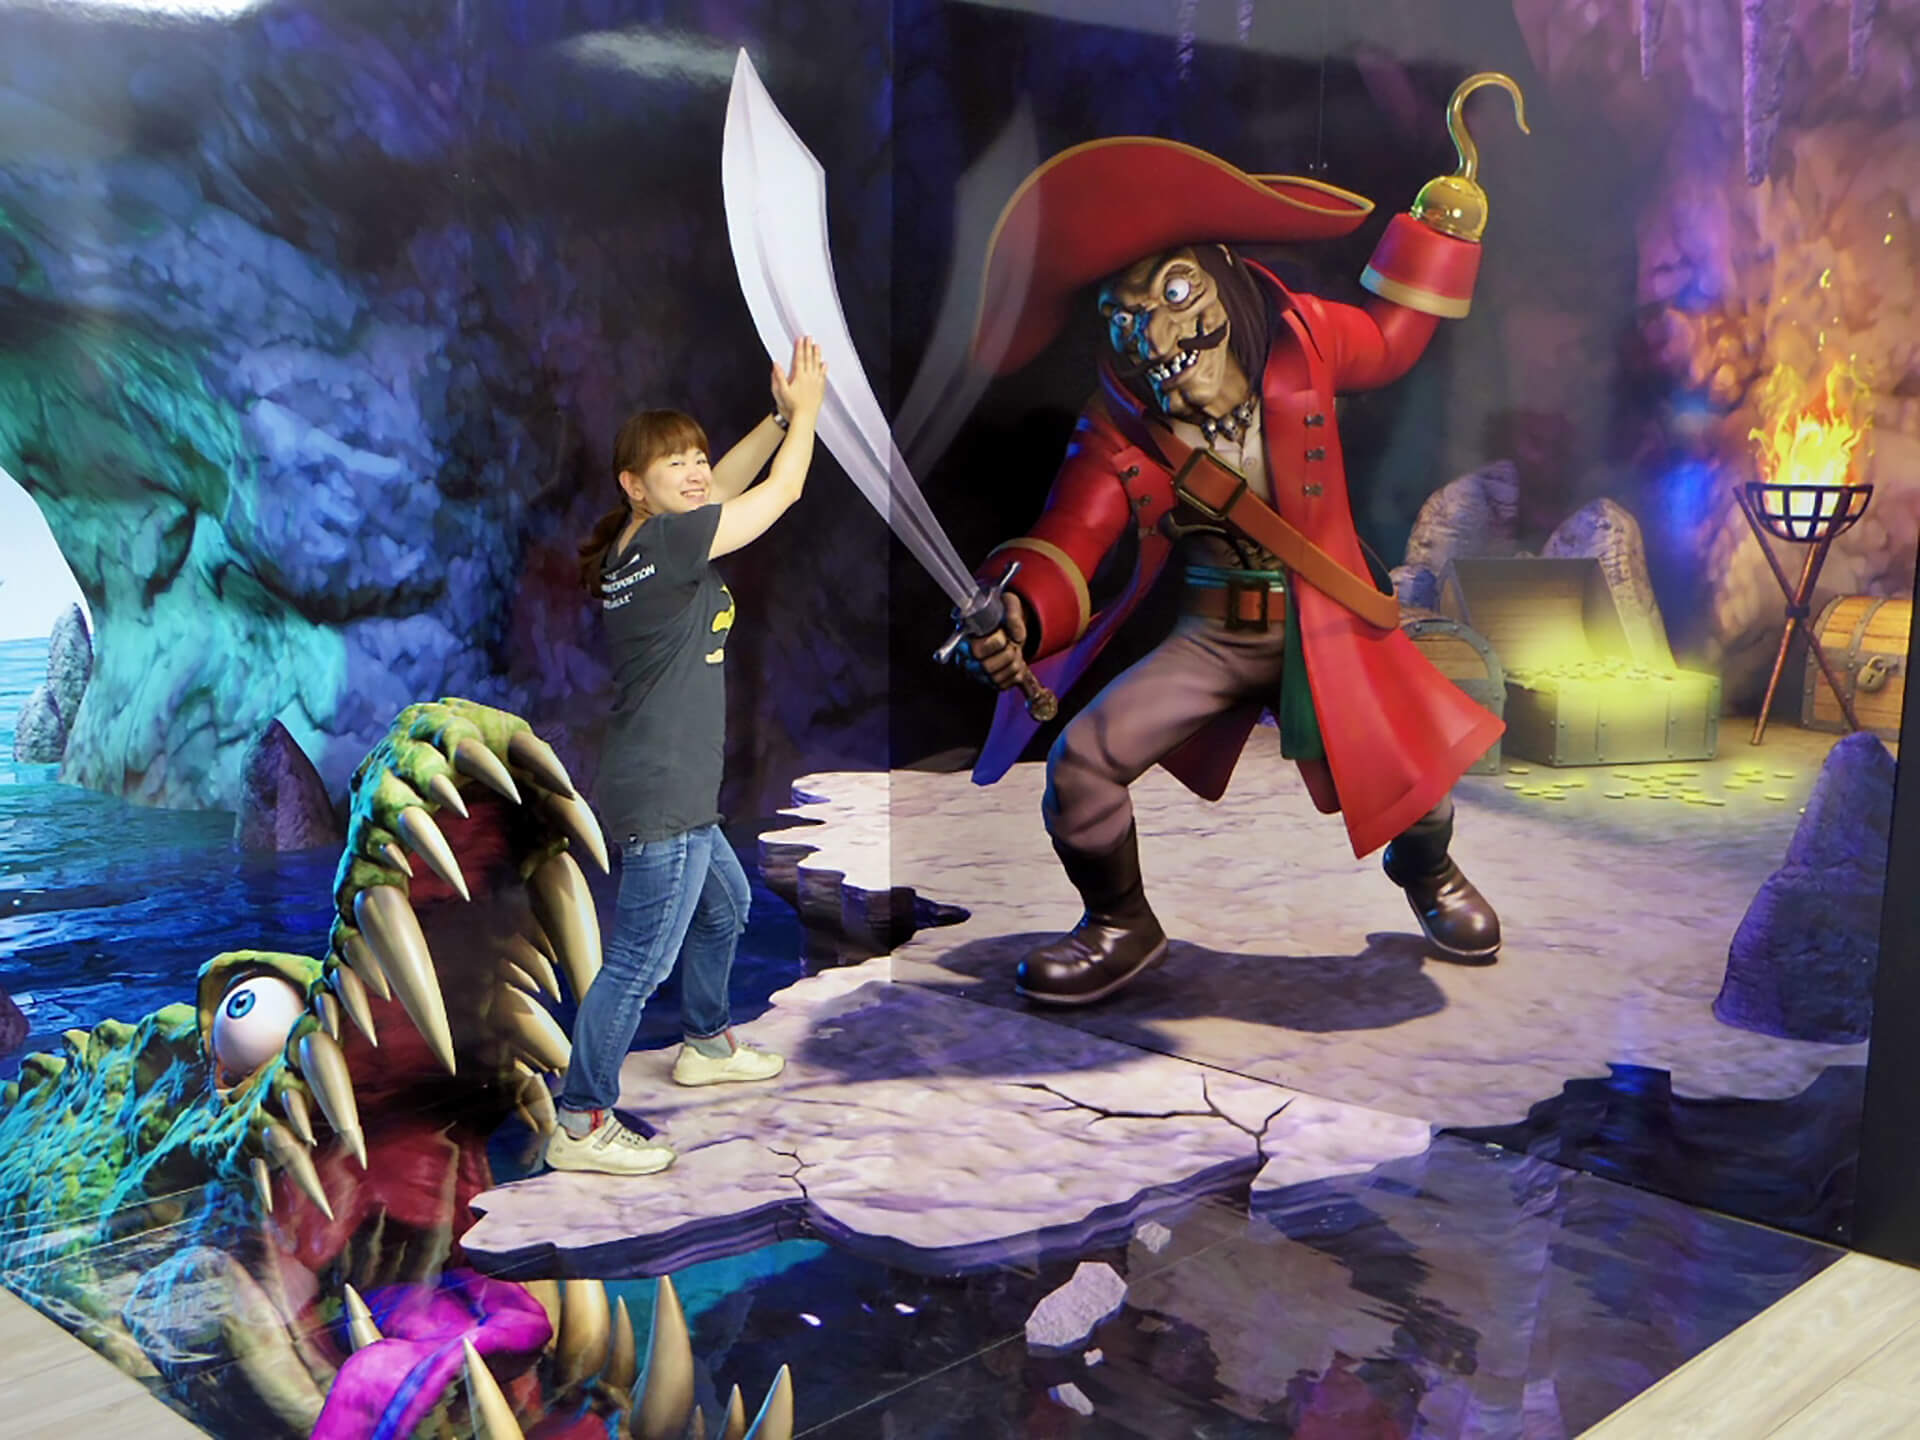 この写真はノッポン兄弟のわくわくふわふわランドのおもしろ写真。フック船長と戦っています